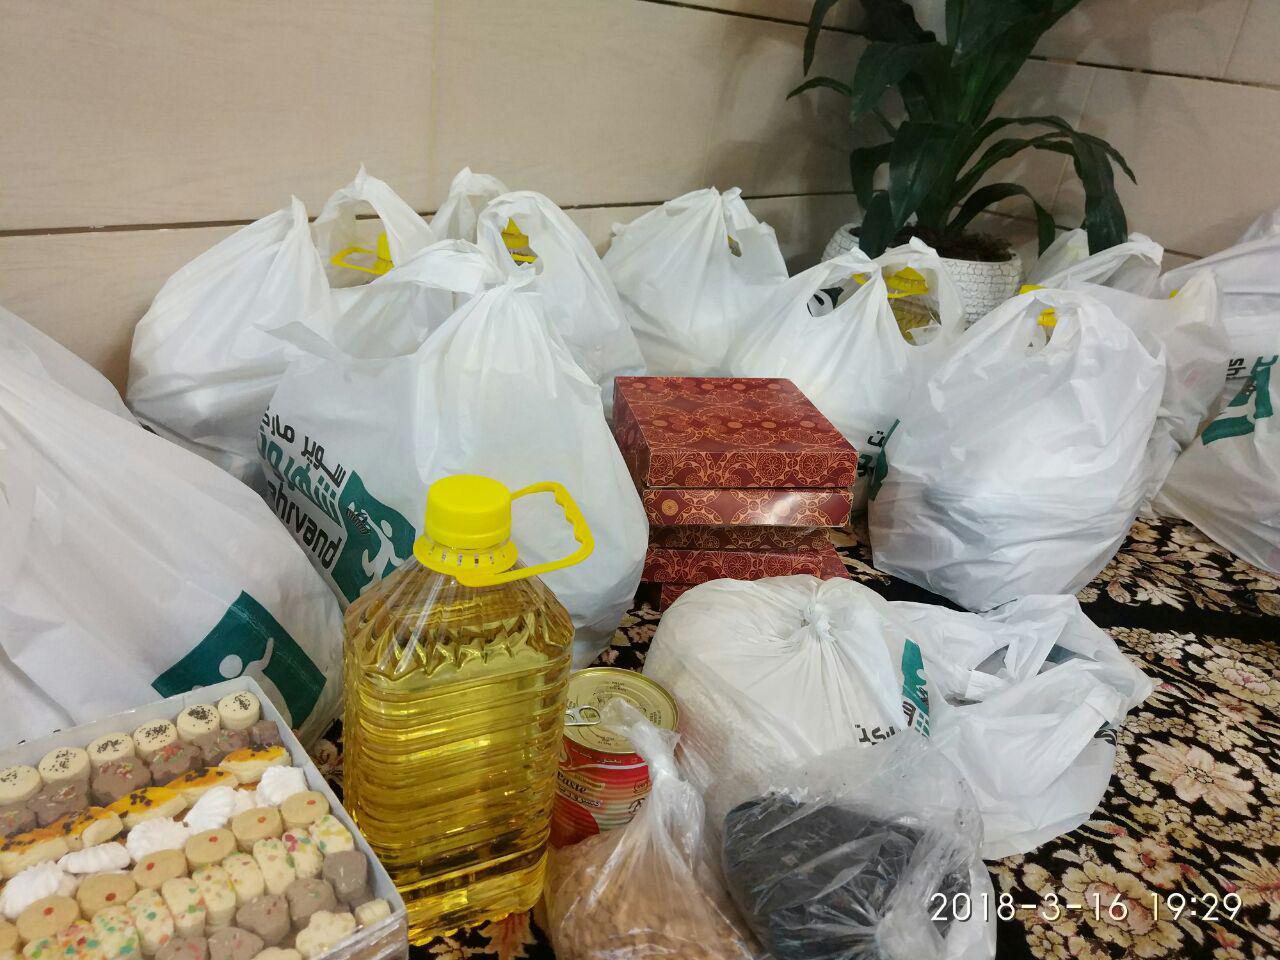 توزیع ۳۷۲ تن کالاهای تنظیم بازار در شهرستان بم